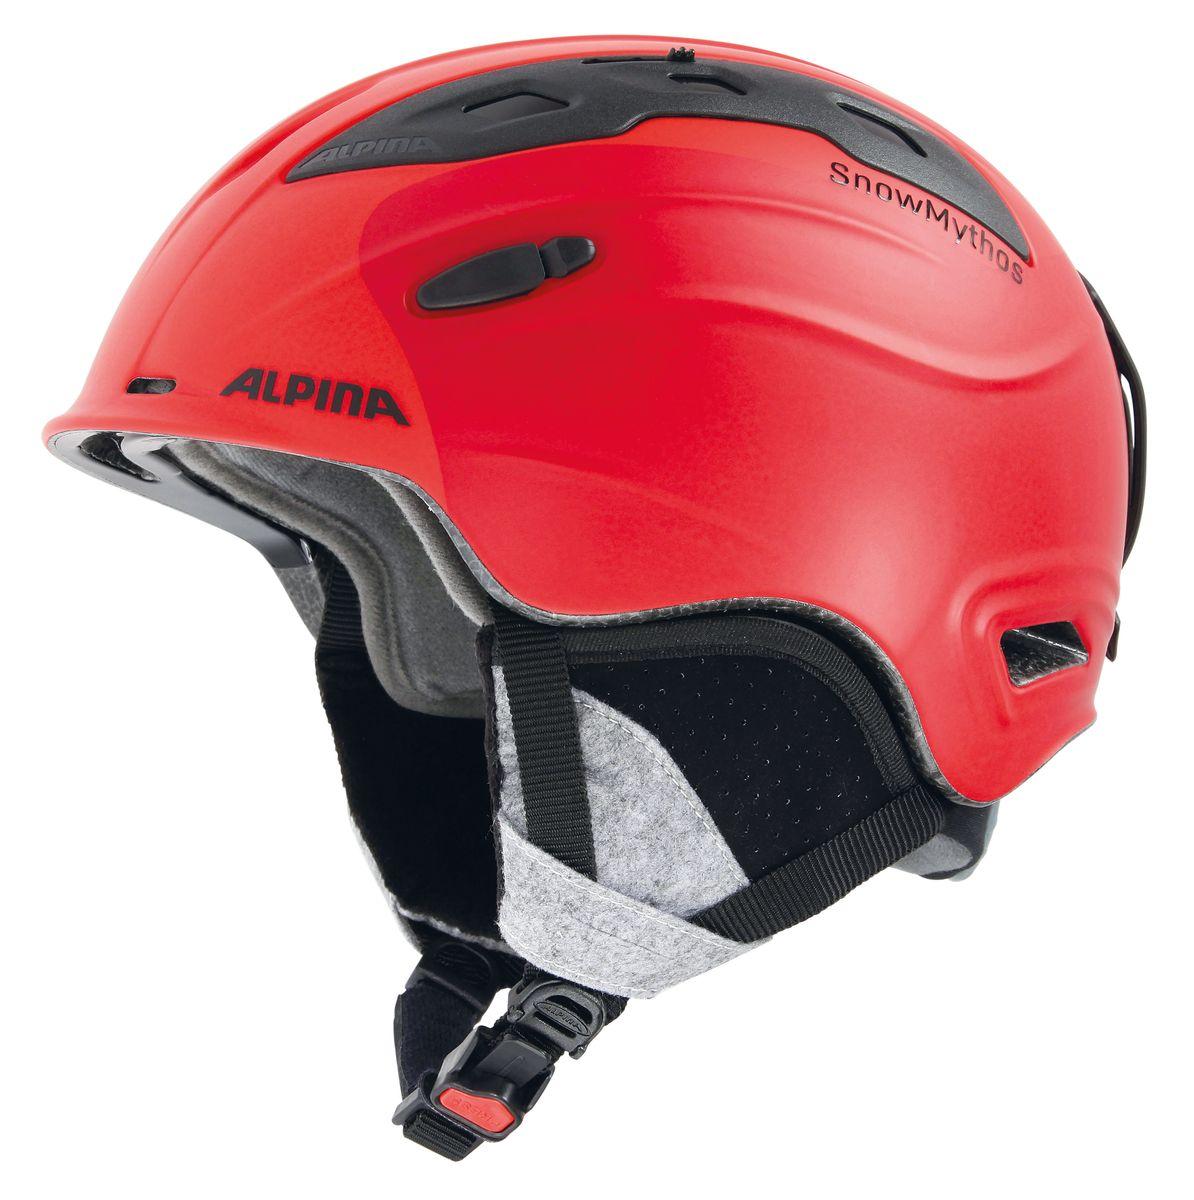 Шлем зимний Alpina Snowmythos, цвет: зеленый. Размер 55-59Karjala Comfort NNNЭкстремально легкая модель шлема Alpina Snowmythos с прекрасными защитными свойствами. Для тех, ищет недорогую модель с клеймом «Сделано в Германии».Технологии: INMOLD TEC - технология соединения внутренней и внешней части шлема при помощи высокой температуры. Данный метод делает соединение исключительно прочным, а сам шлем легким. Такой метод соединения гораздо надежнее и безопаснее обычного склеивания.CERAMIC - особая технология производства внешней оболочки шлема. Используются легковесные материалы экстремально прочные и устойчивые к царапинам. Возможно использование при сильном УФ изучении, так же поверхность имеет антистатическое покрытие.RUN SYSTEM - простая система настройки шлема, позволяющая добиться надежной фиксации.AIRSTREAM CONTROL - регулируемые воздушные клапана для полного контроля внутренней вентиляции.REMOVABLE EARPADS - съемные амбушюры добавляют чувства свободы во время катания в теплую погоду, не в ущерб безопасности. При падении температуры, амбушюры легко устанавливаются обратно на шлем. CHANGEABLE INTERIOR - съемная внутренняя часть. Допускается стирка в теплой мыльной воде.NECKWARMER - дополнительное утепление шеи. Изготовлено из мягкого флиса. 3D FIT - ремень, позволяющий регулироваться затылочную часть шлема. Пять позиций позволят настроить идеальную посадку.